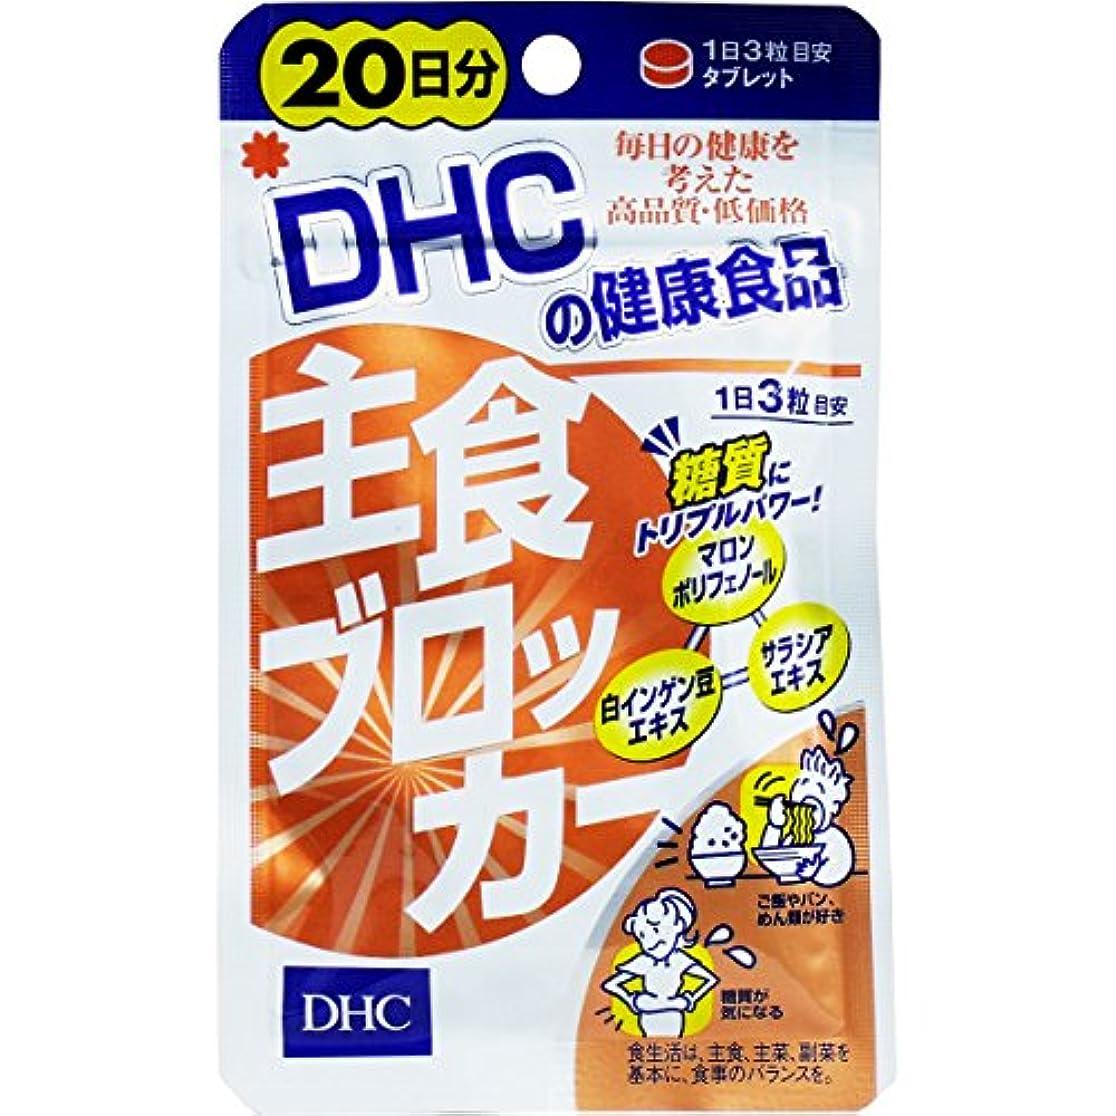 欠かせない窒素シリアルお得な6個セット 炭水化物が好きな方へオススメ DHC 主食ブロッカー 20日分(60粒)